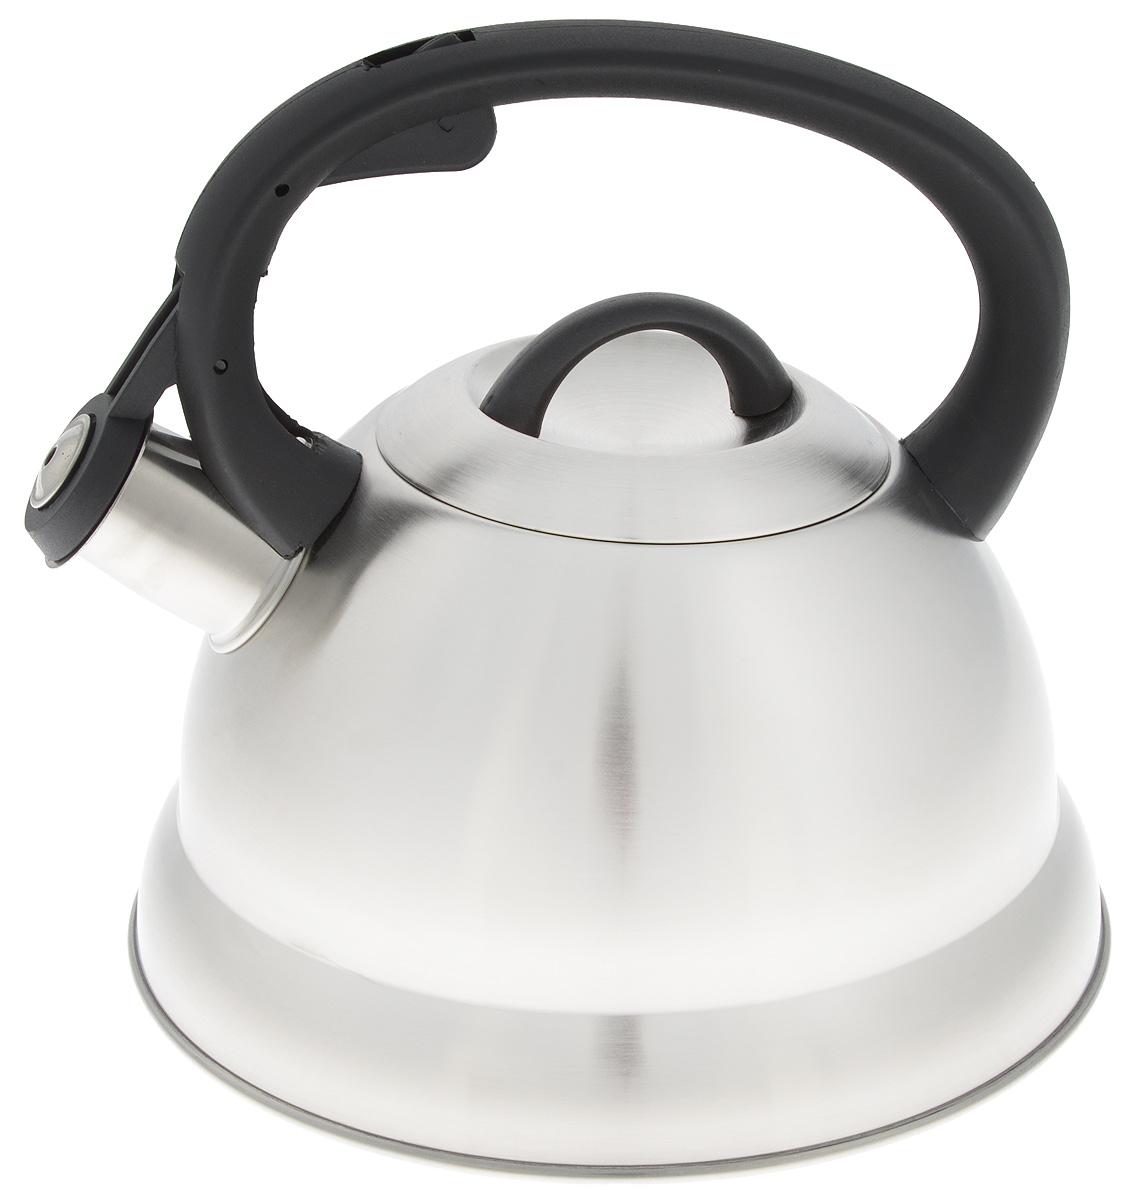 Чайник Hoffmann, со свистком, 2,8 л. НМ 5513